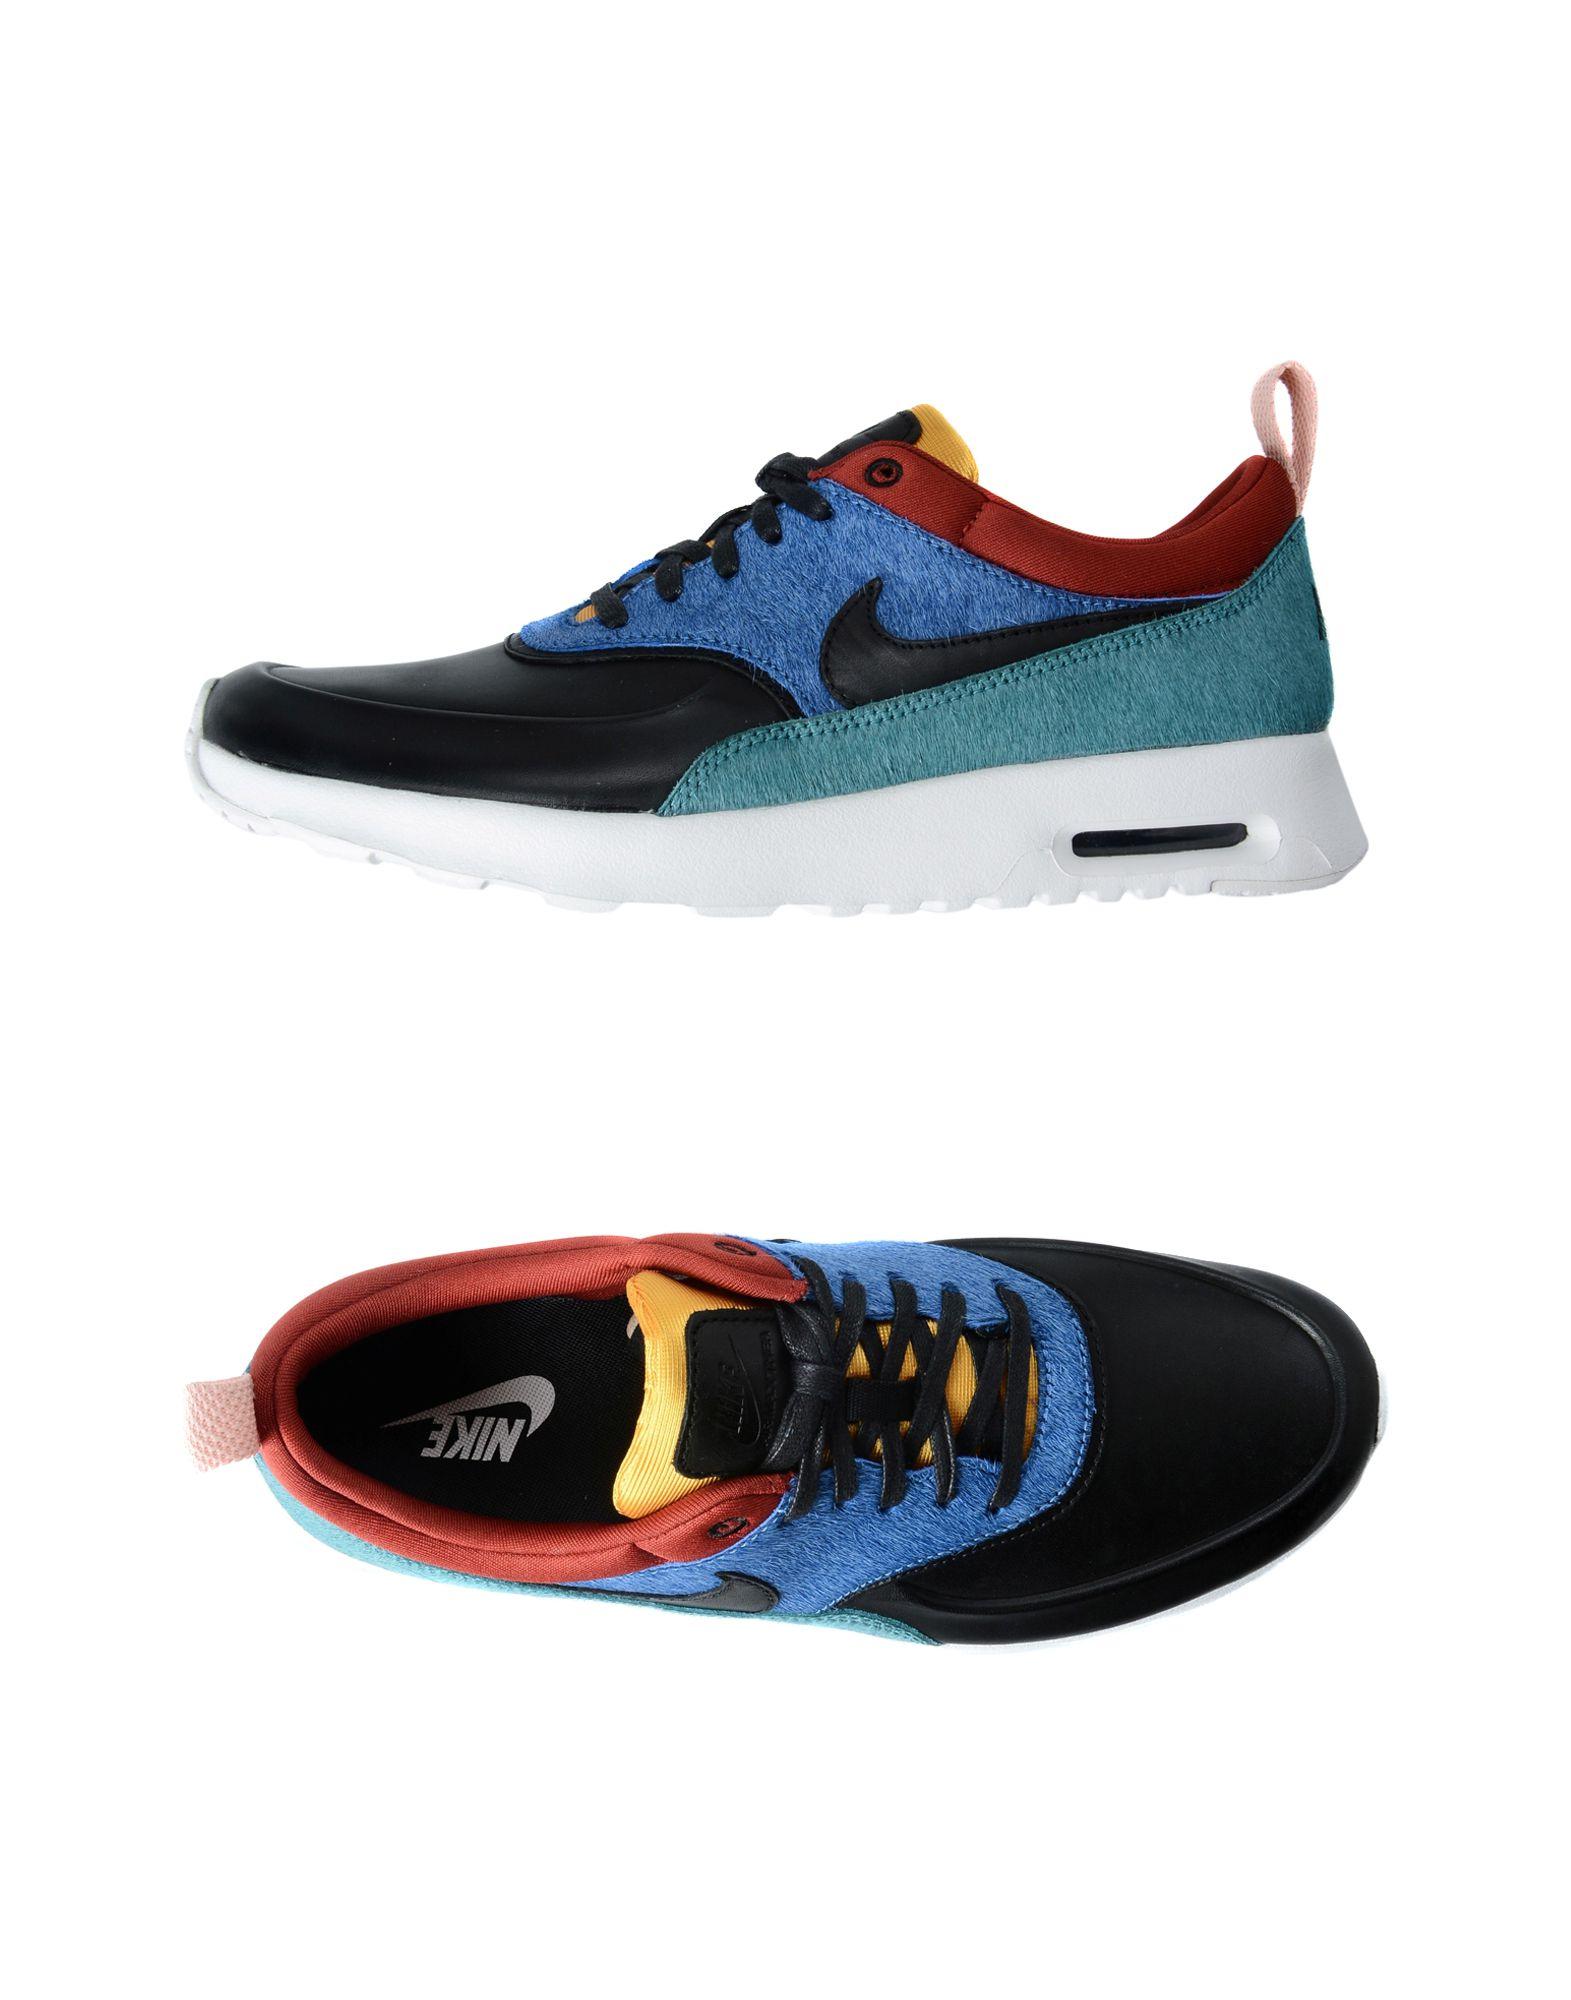 Sneakers Nike Wmns Nike Air Donna Max Thea Prm - Donna Air - 11137974GH a768e8